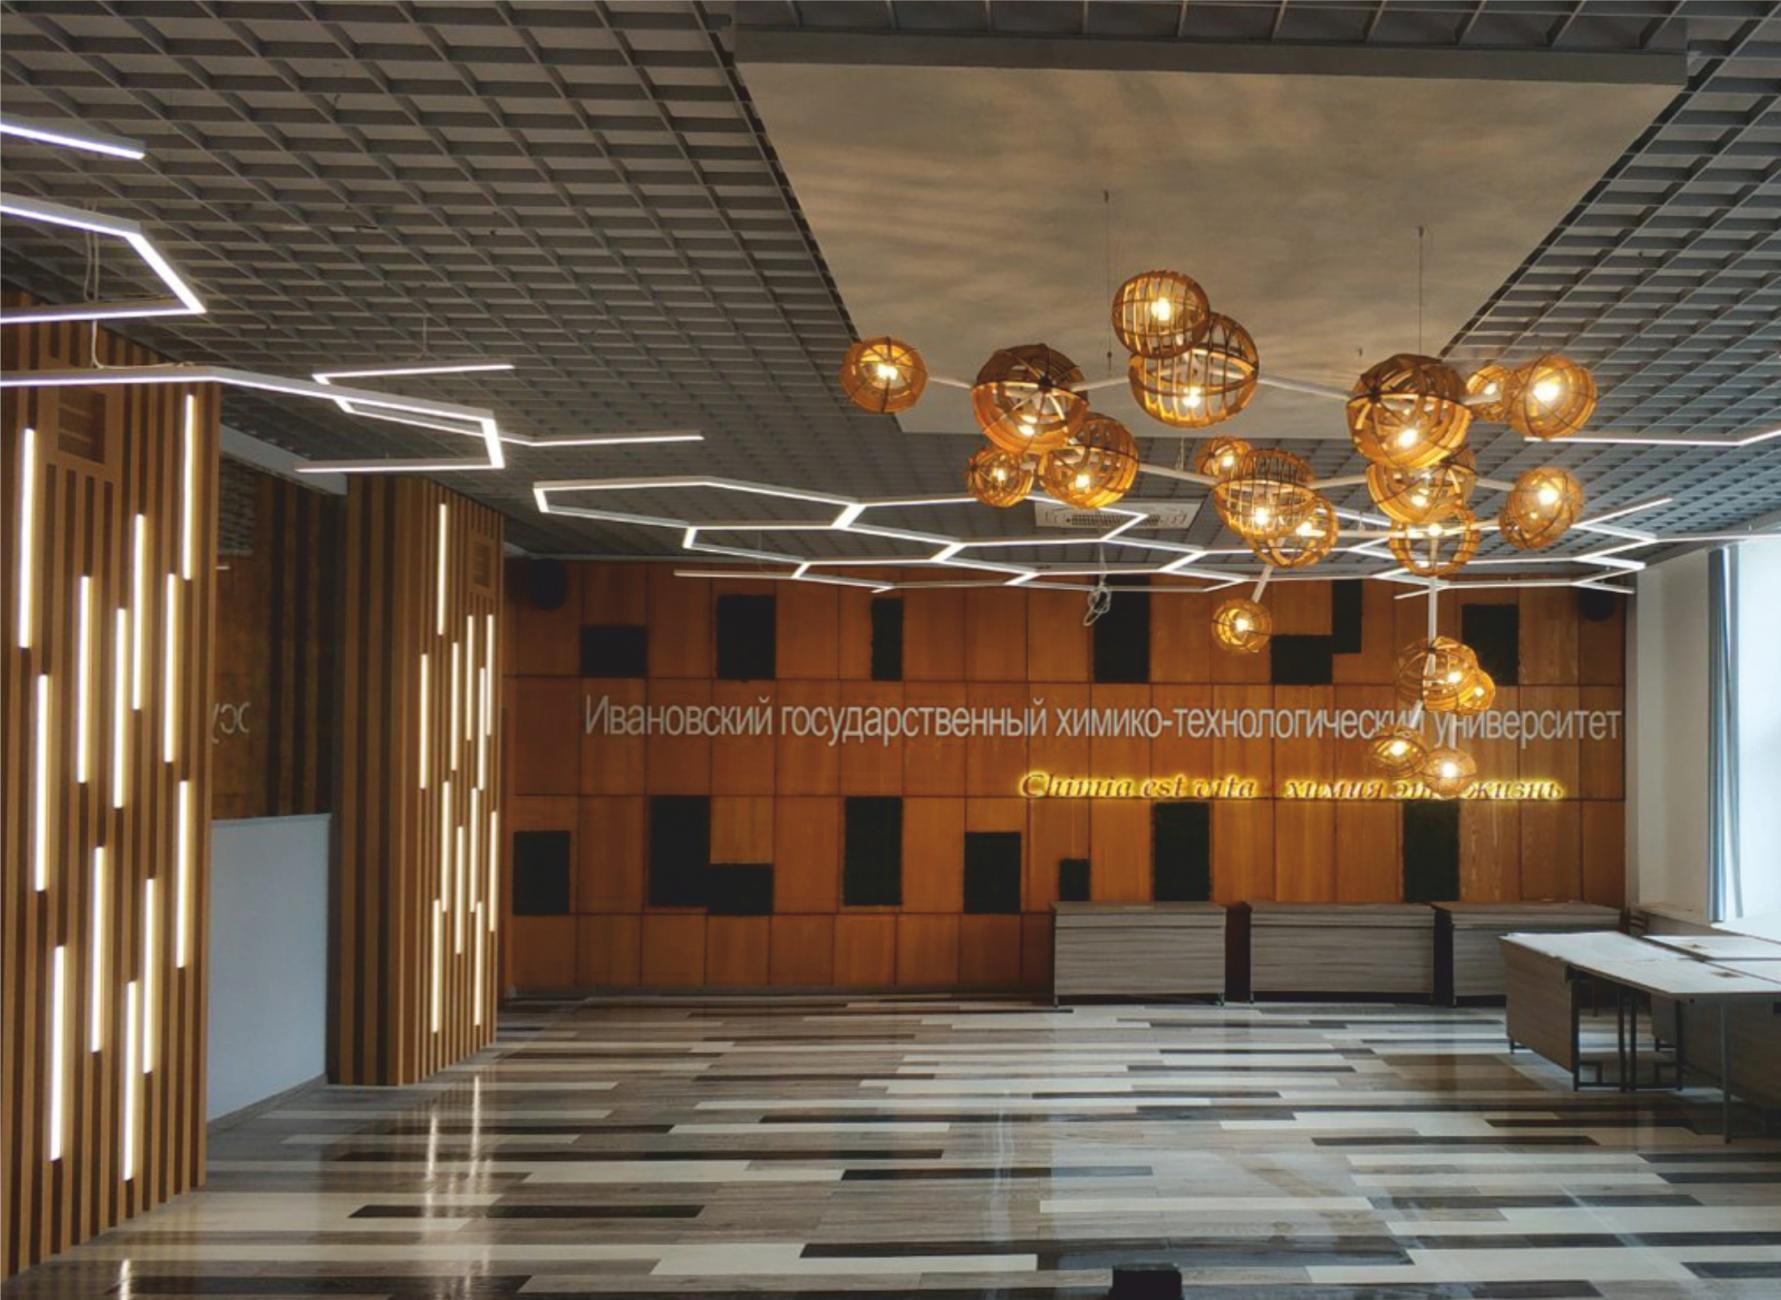 Светодиодное освещение Ивановский государственный университет